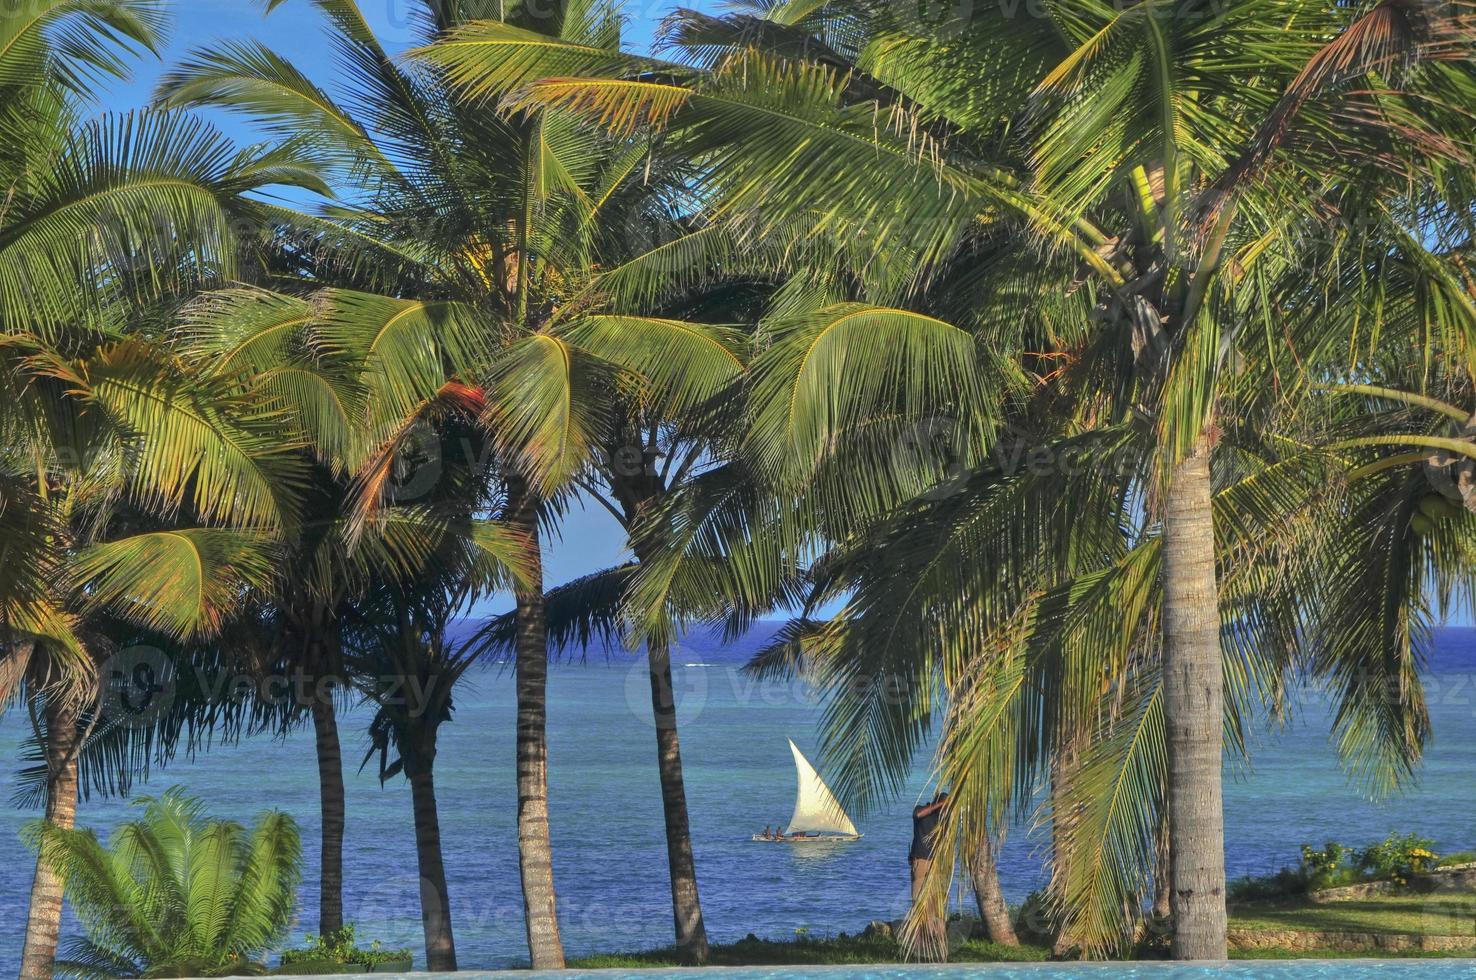 paisaje palmeras photo